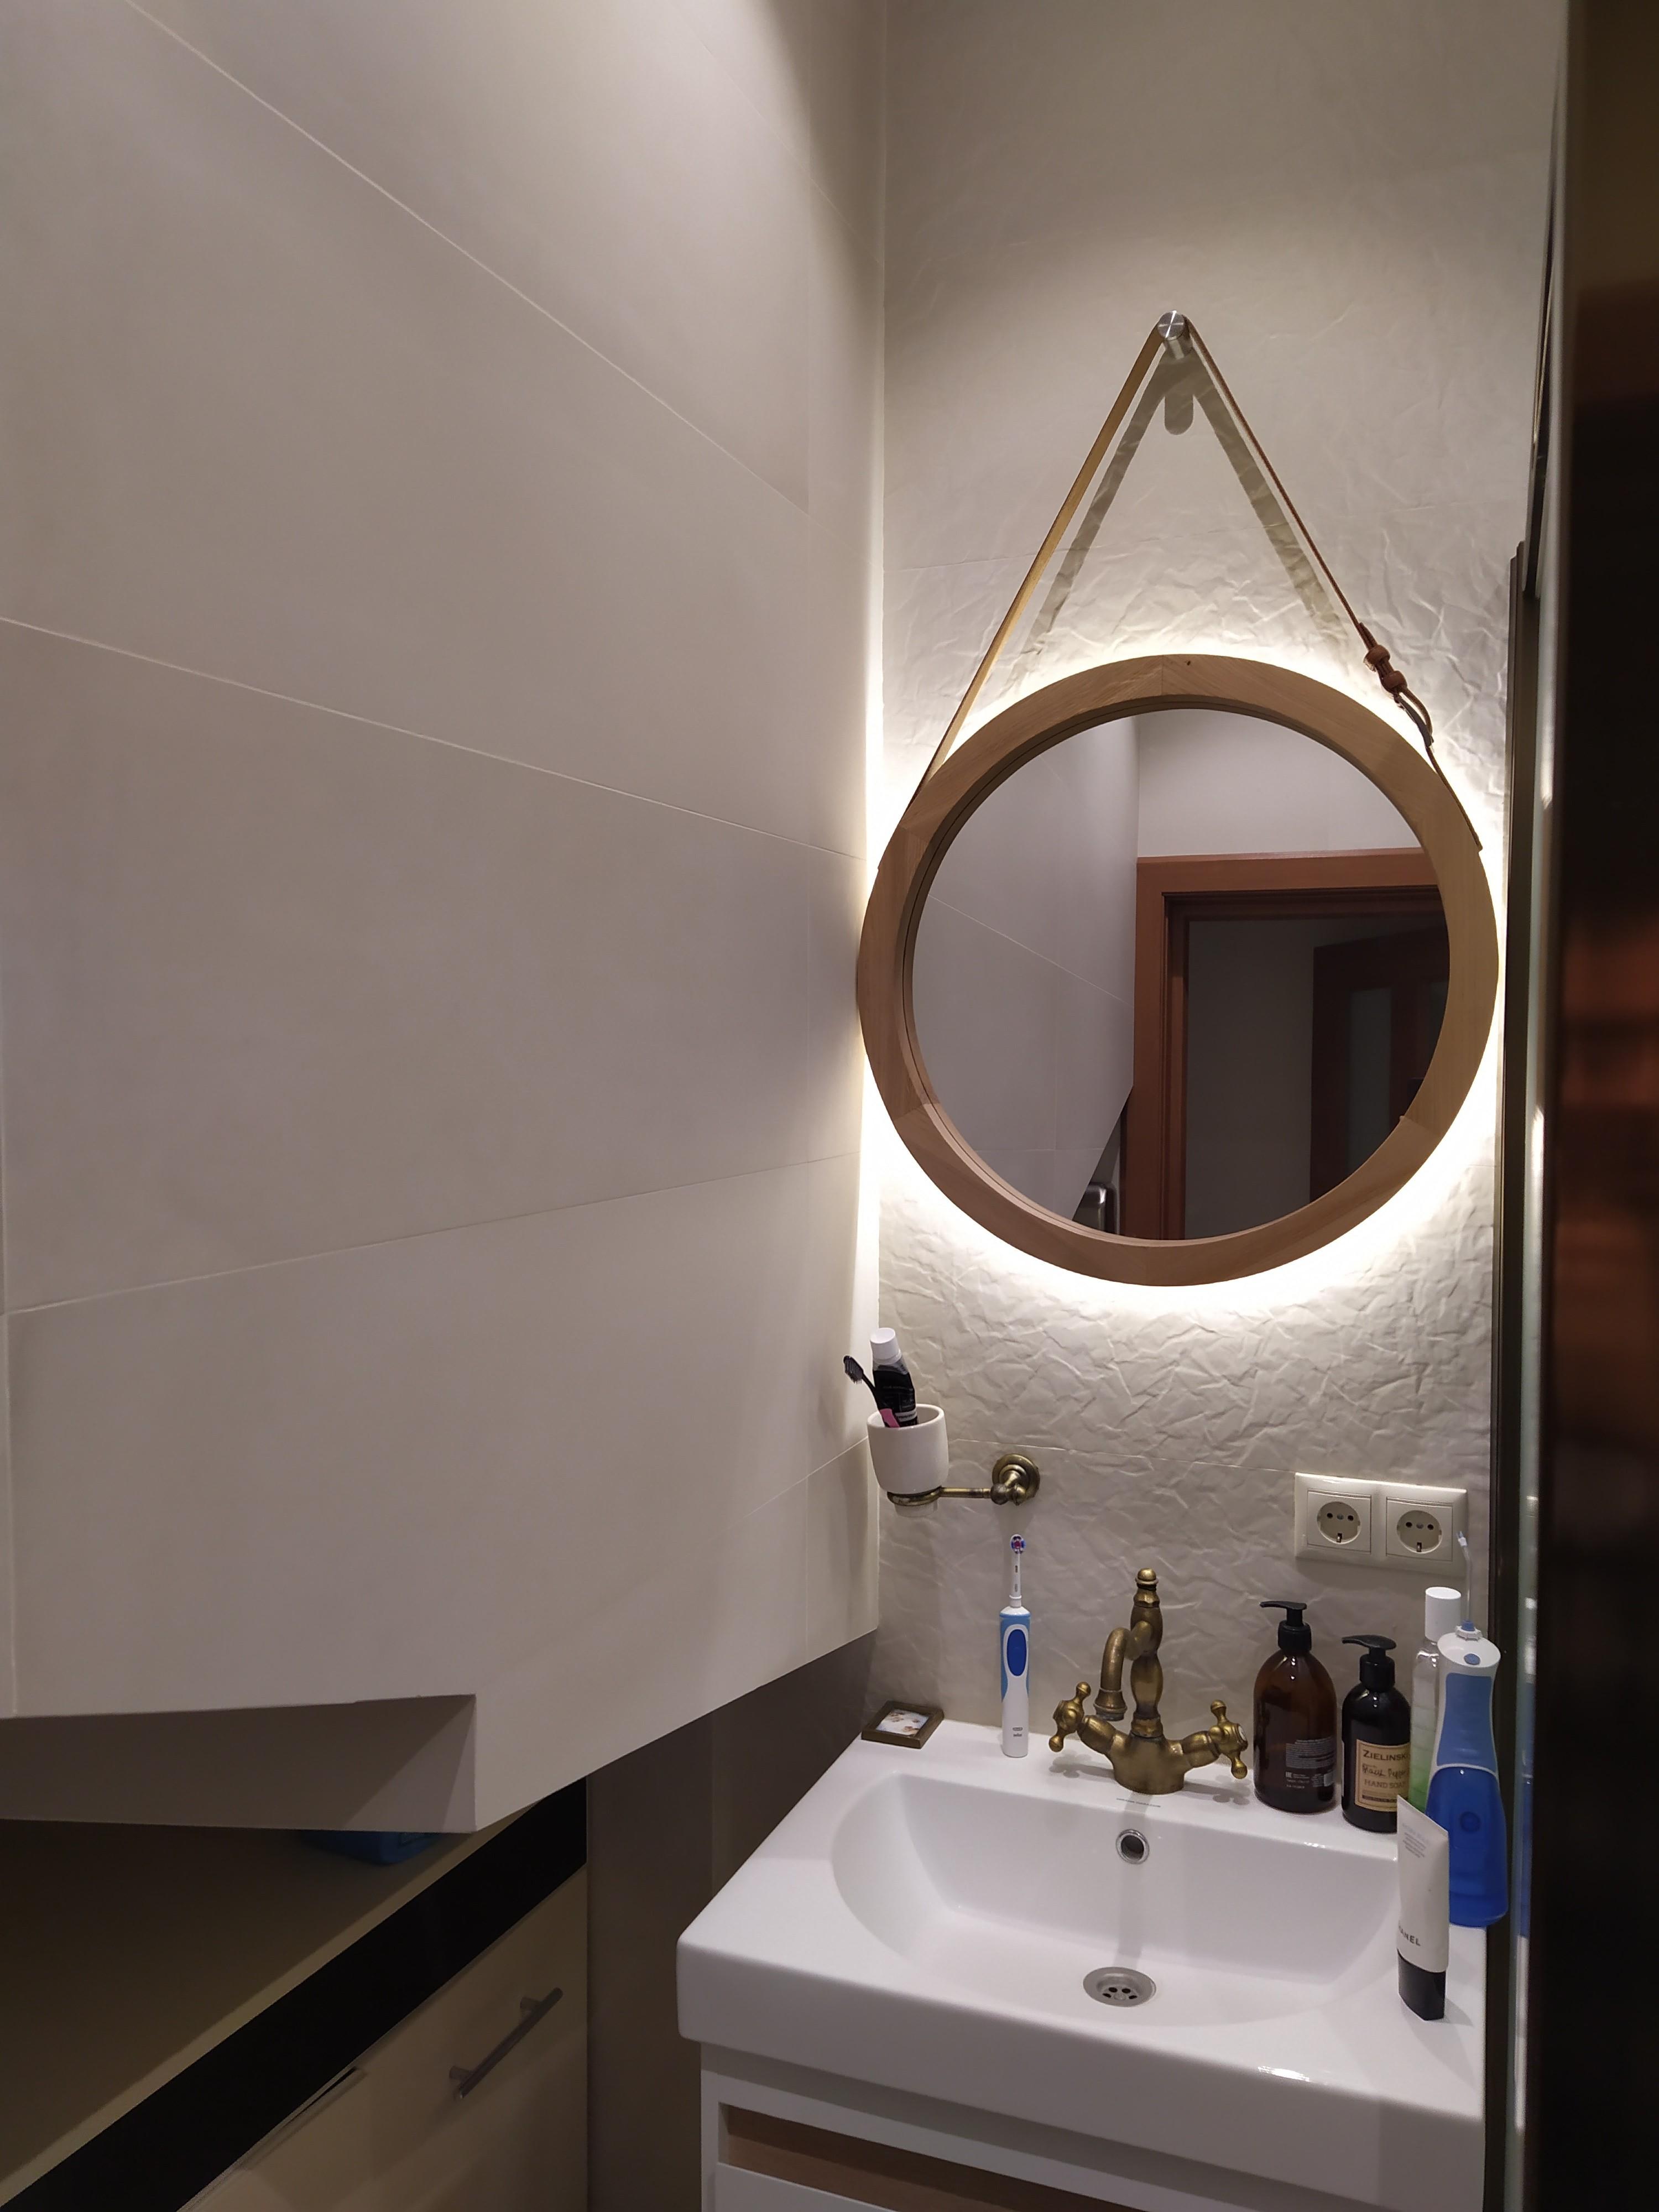 купить зеркало в ванную в екатеринбурге